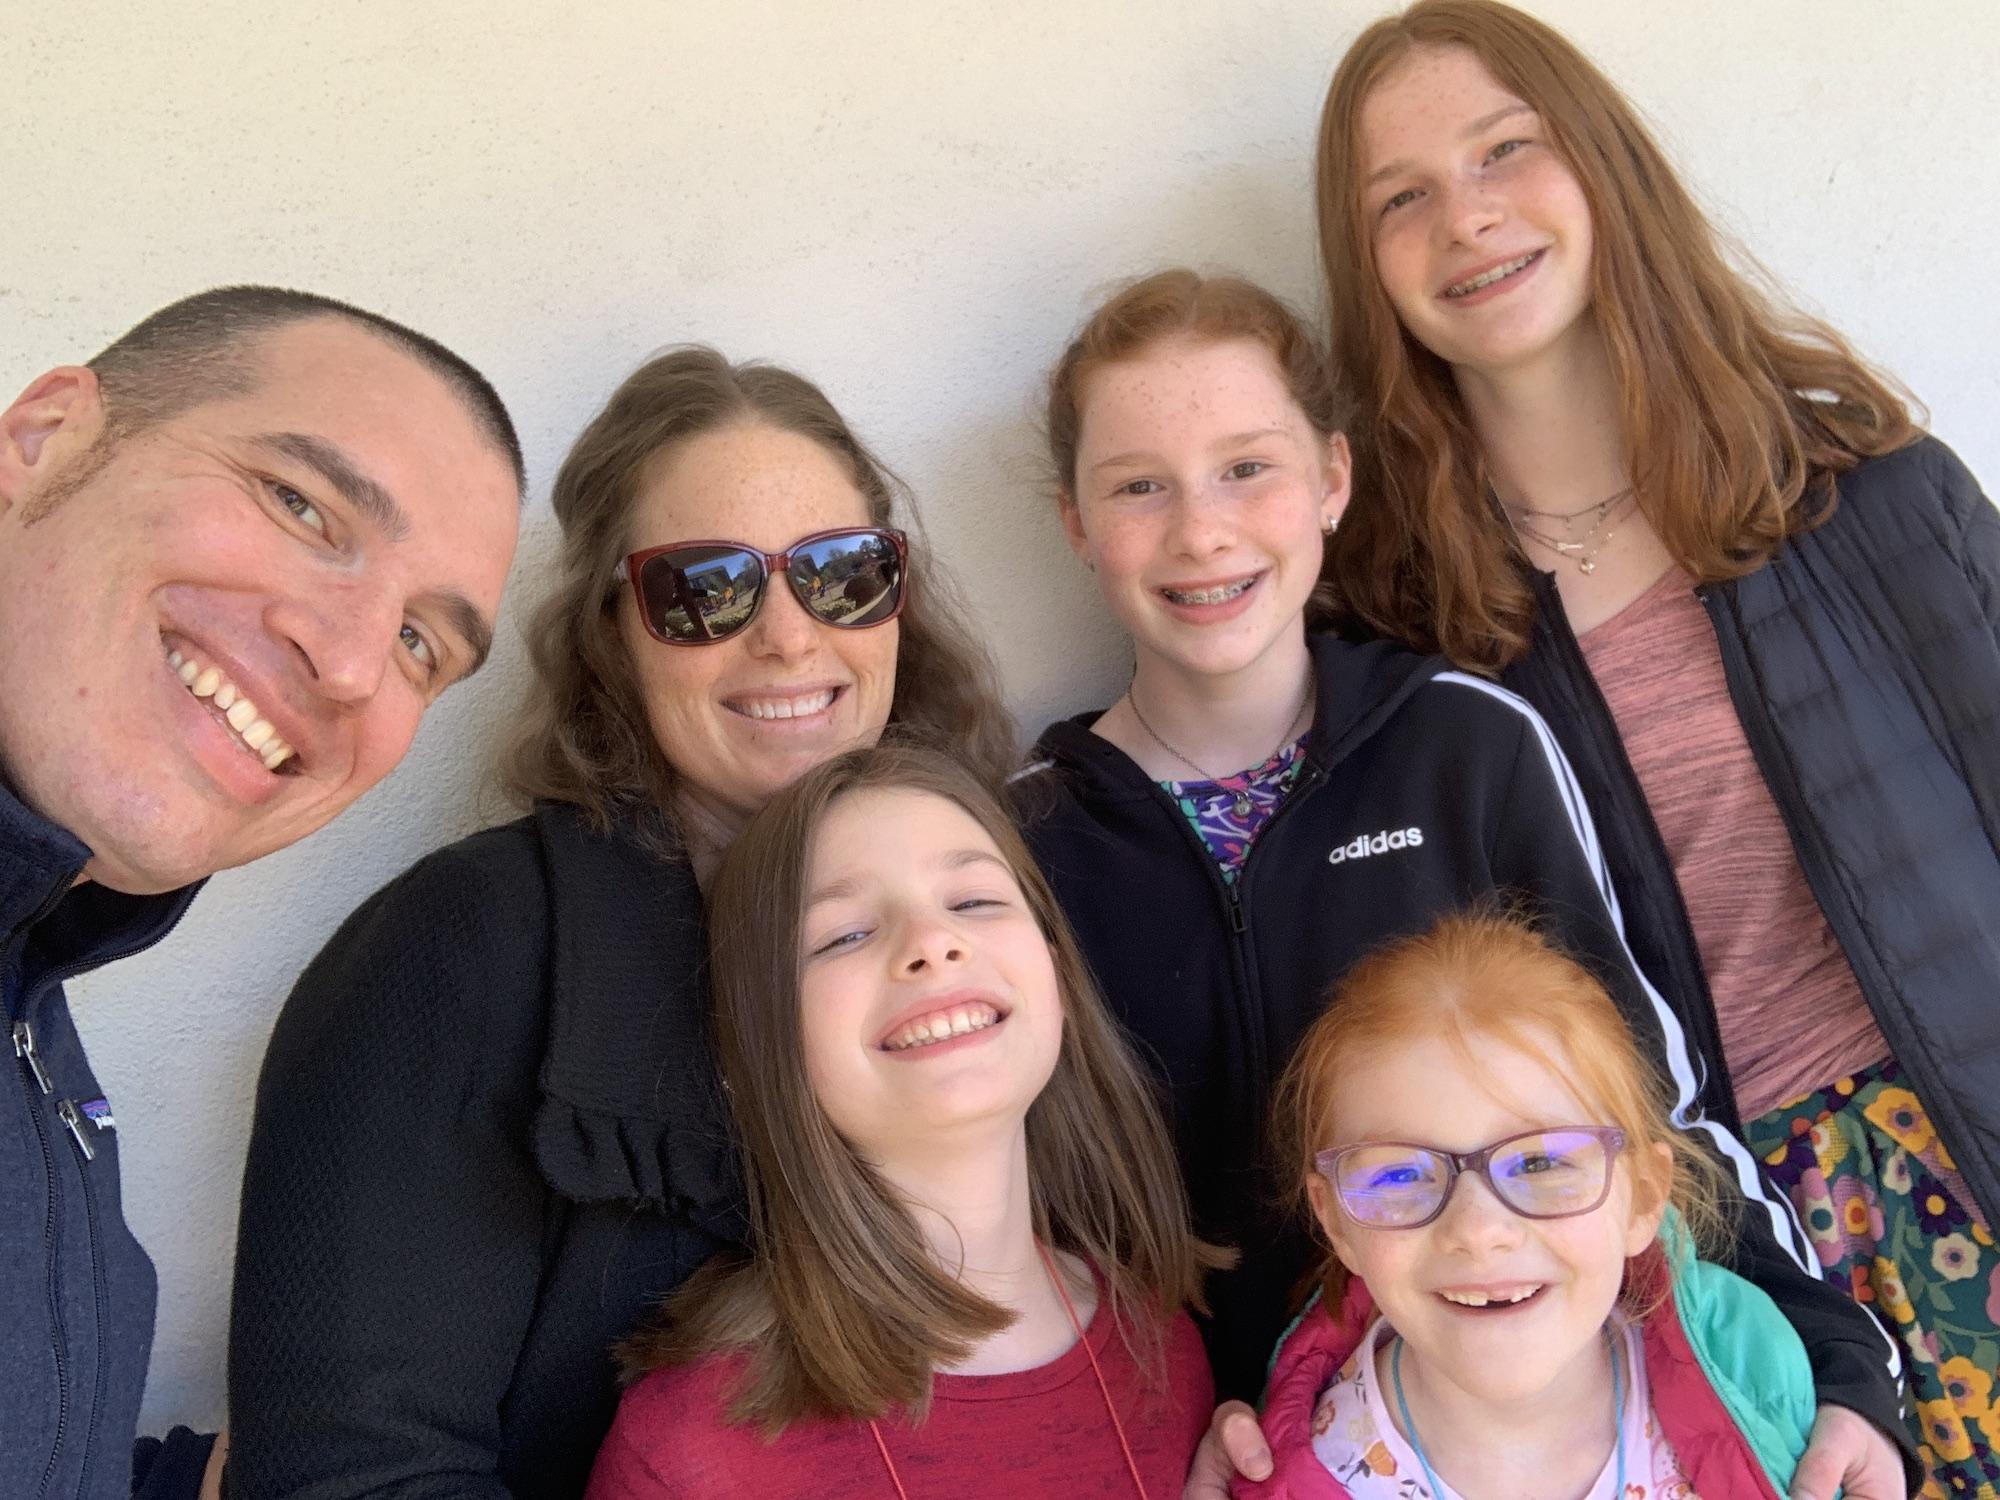 Easter Family selfie